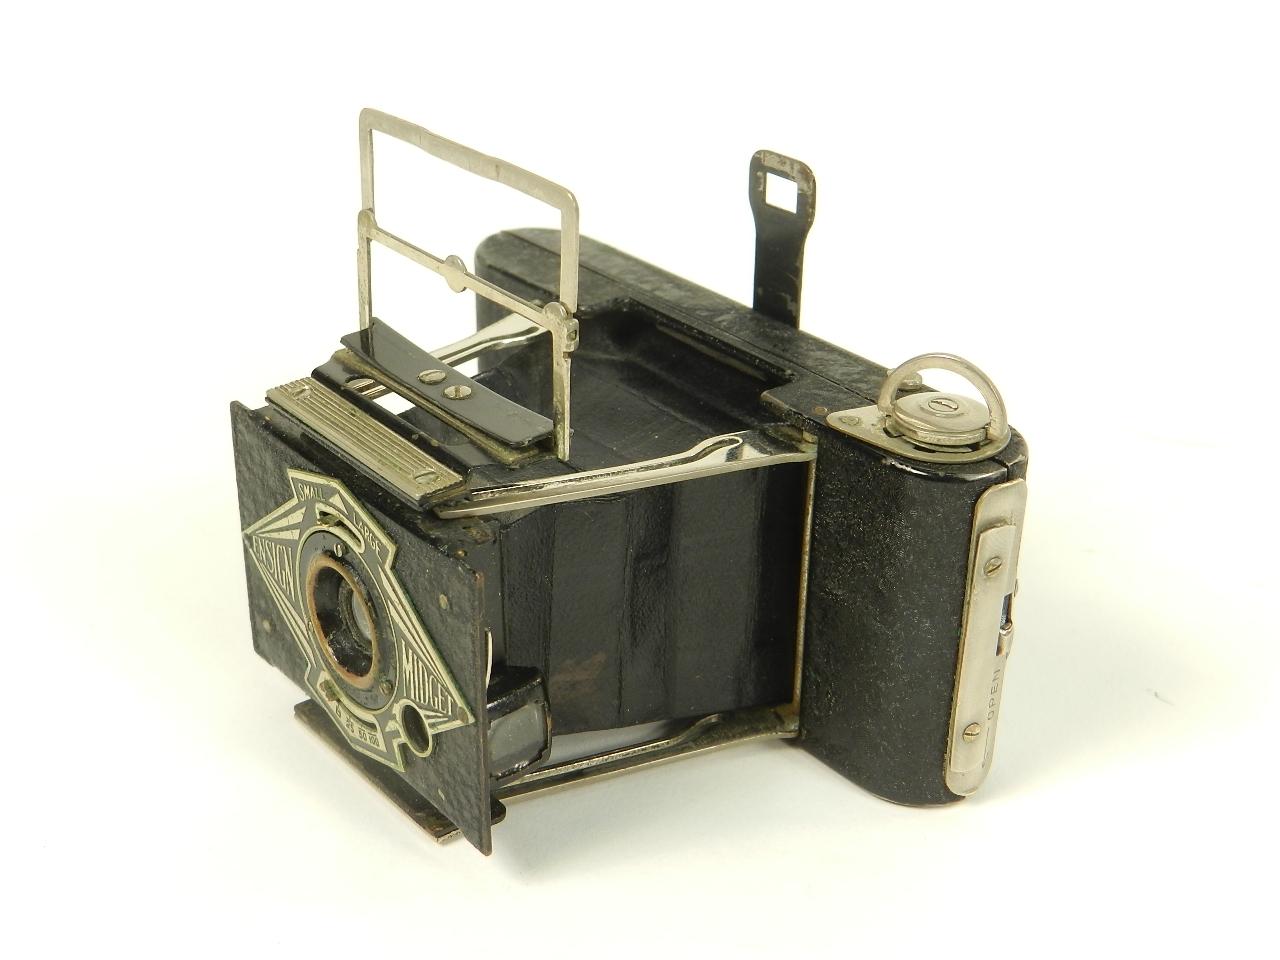 Imagen ENSIGN MIDGET AÑO 1937 30266